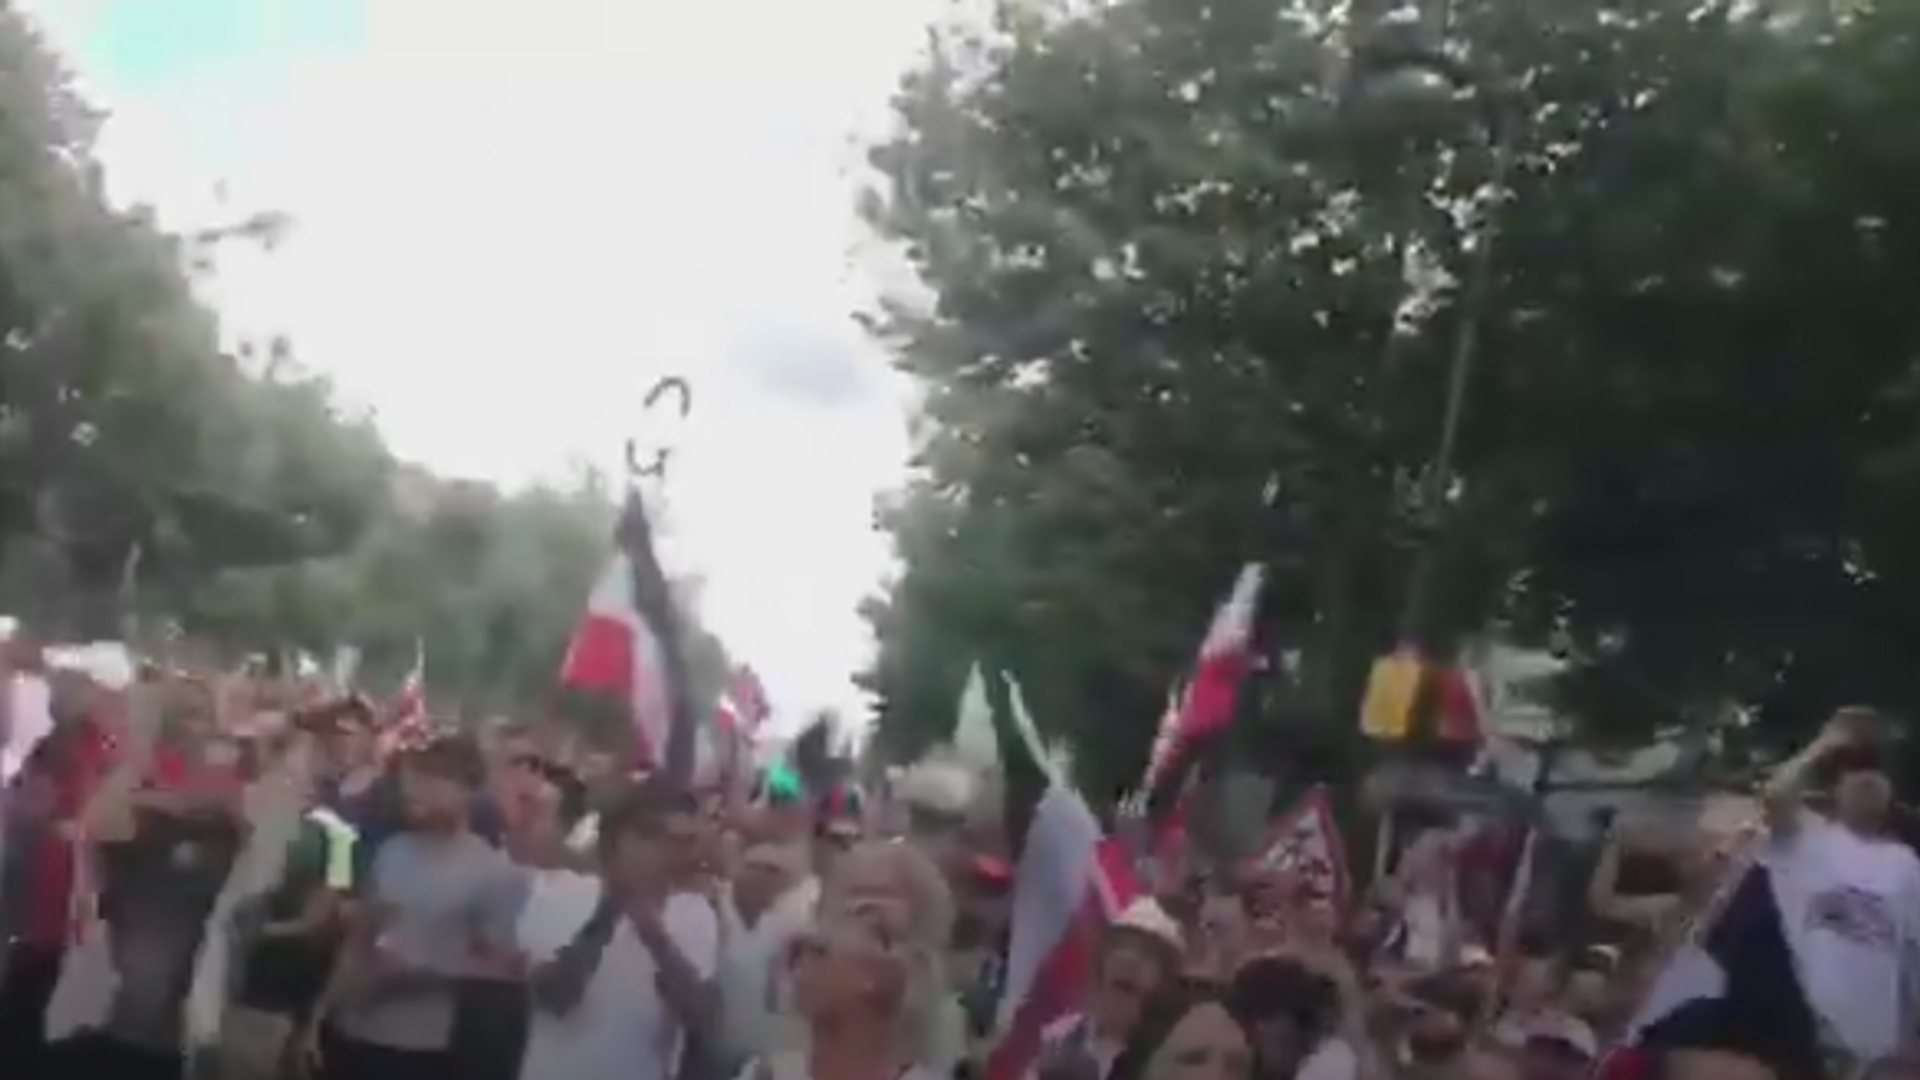 На митинге в Берлине скандируют Путин! - РИА Новости, 1920, 29.08.2020